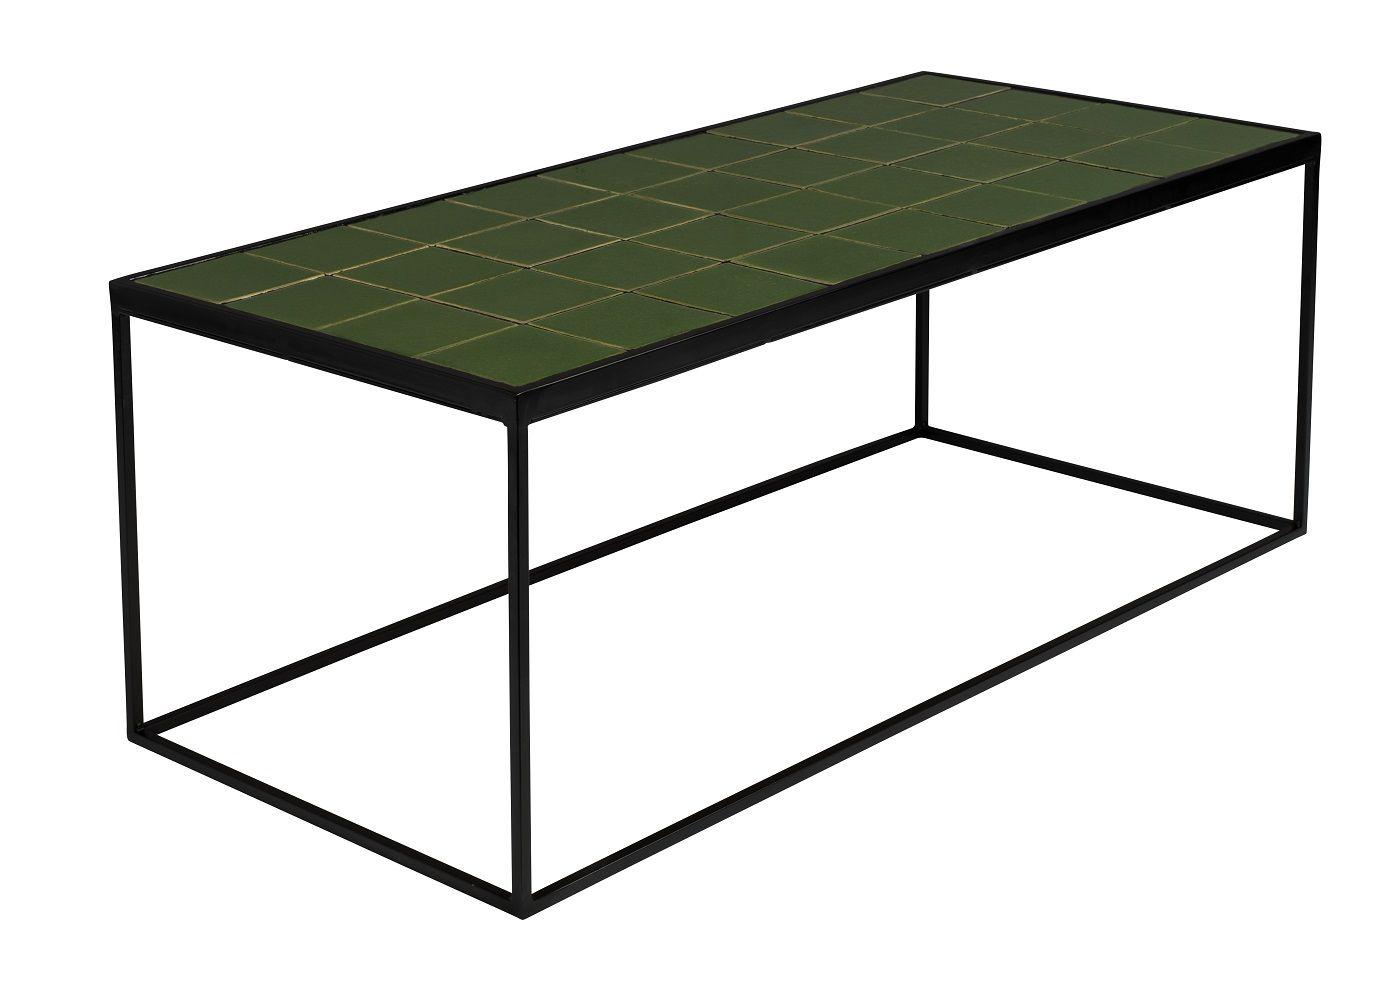 Zuiver Glazed Sofabord 93x43 - Grøn